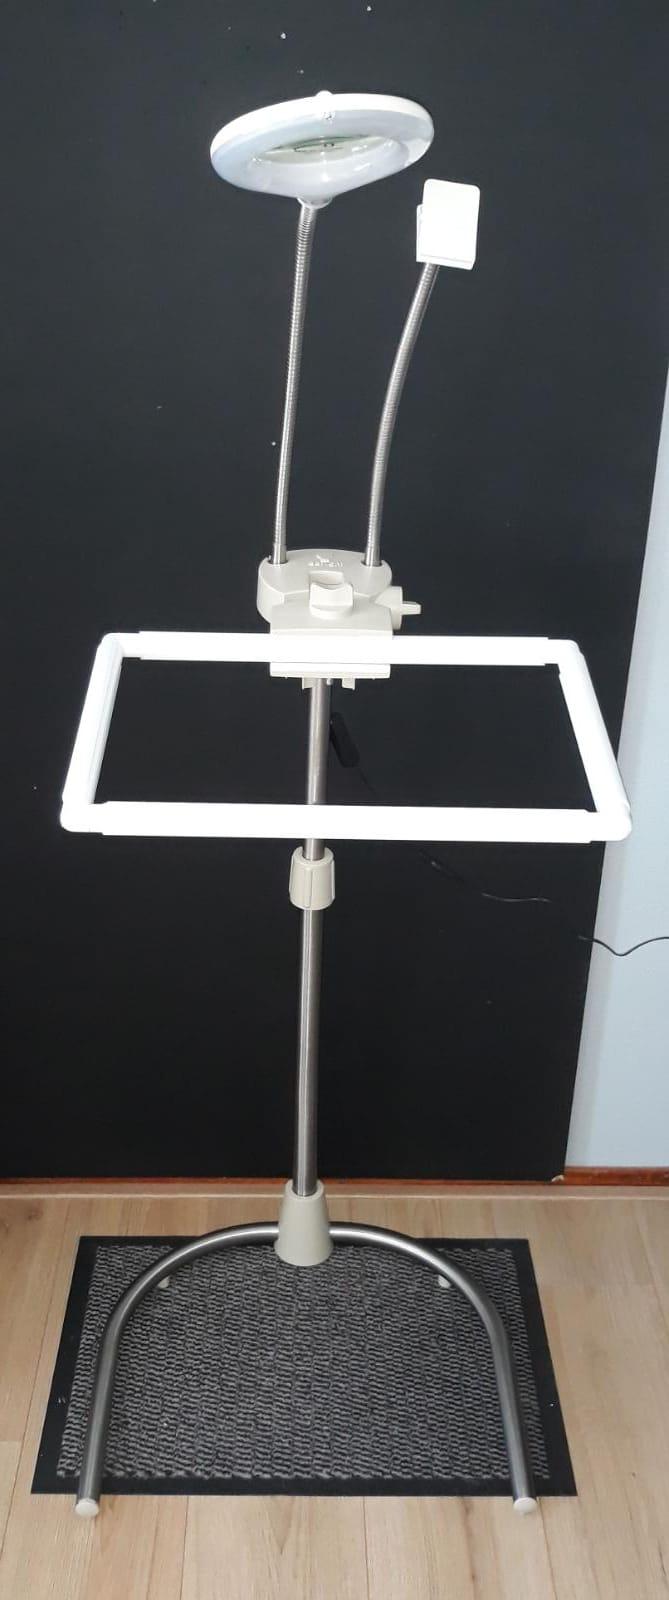 Daylight stitch smart borduur standaard met Borduurframe